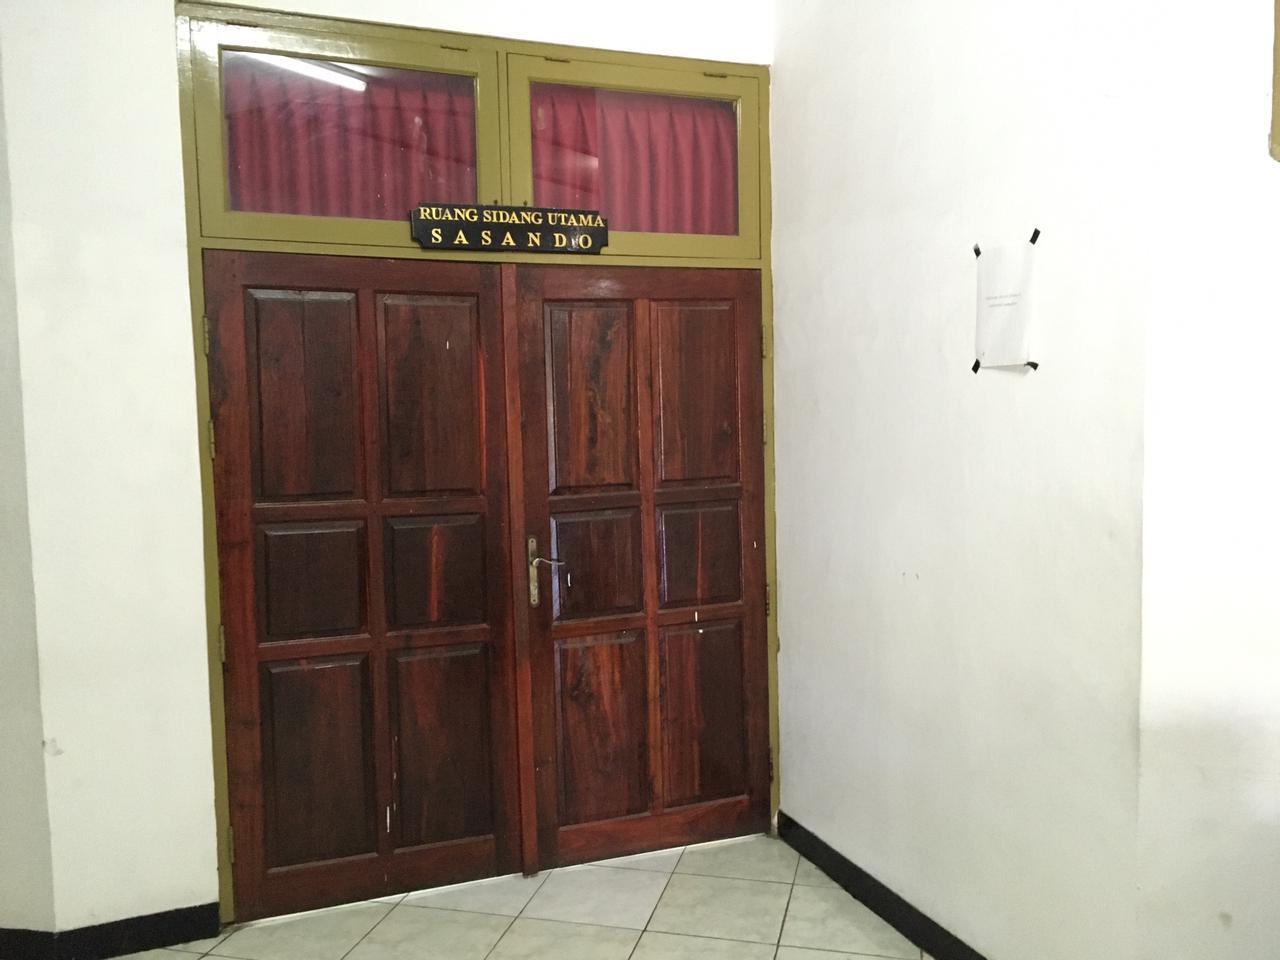 ruang sidang